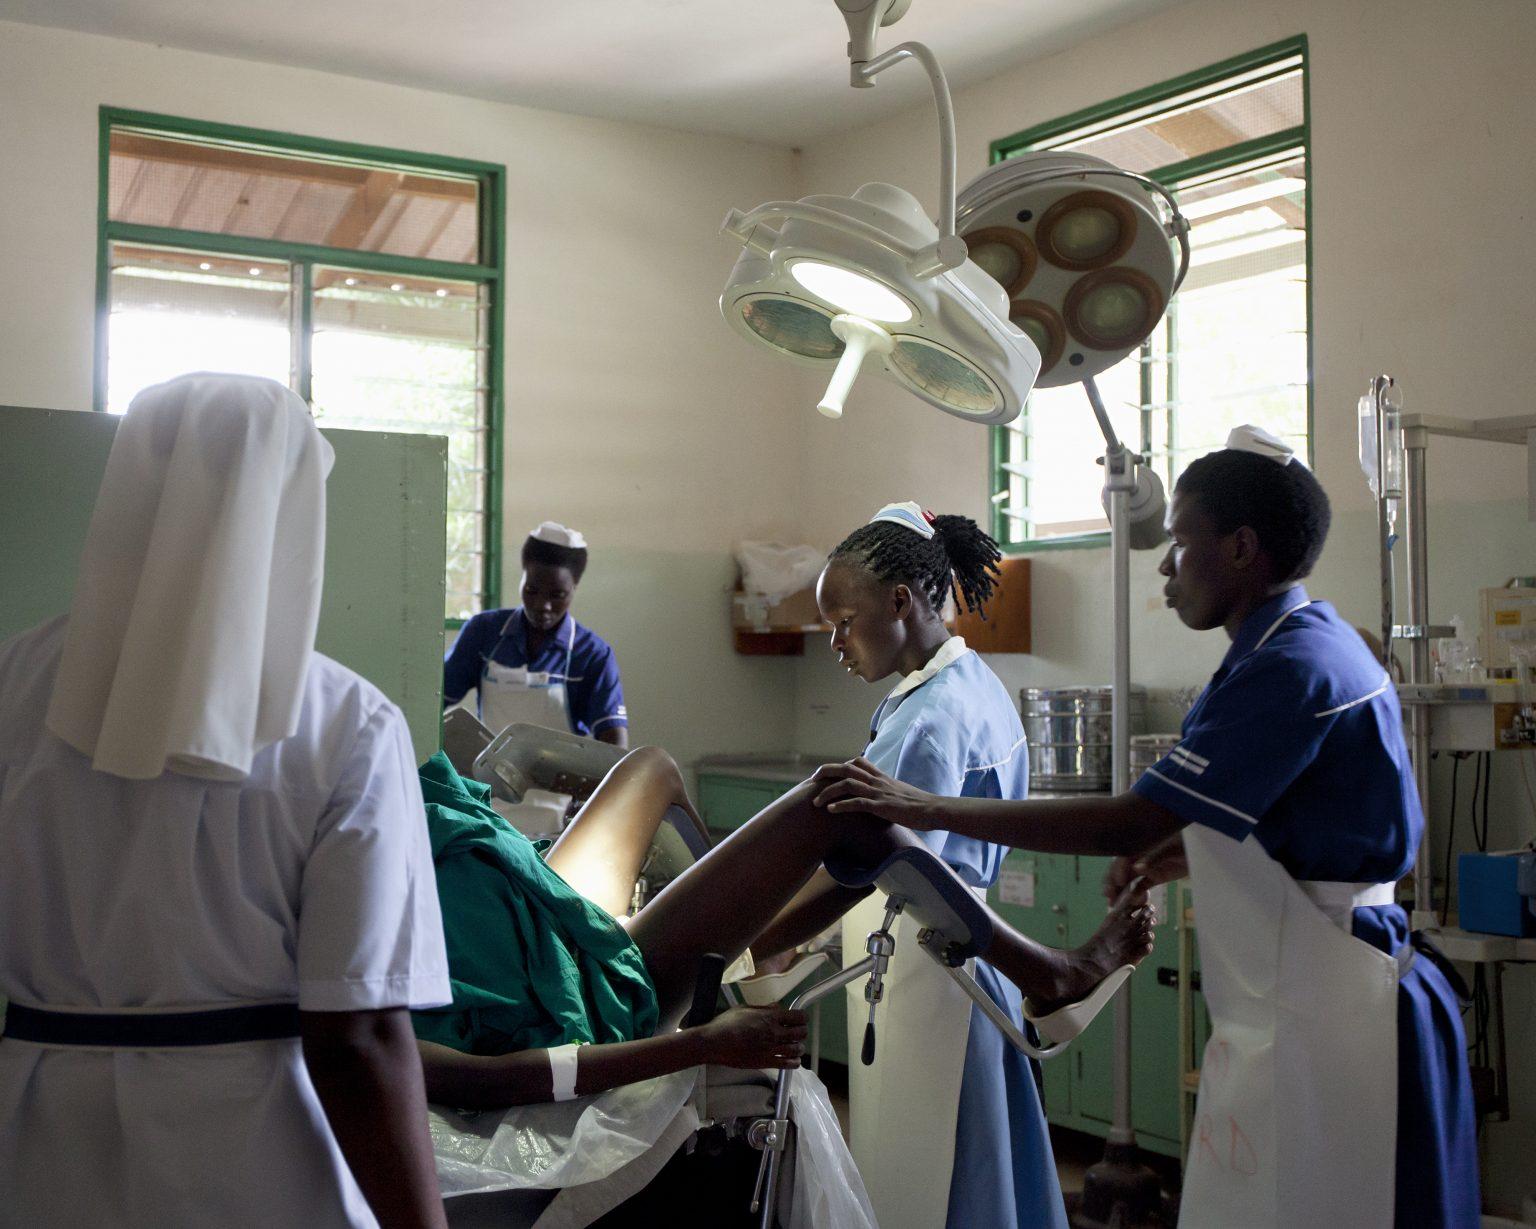 Karamoja region (Uganda). In Matany Hospital, the biggest of the region, Clementine is giving birth to her fourth child. >< Regione della Karamoja (Uganda). Nell'ospedale di Matany, il più grande della regione, Clementine sta partorendo il suo quarto figlio.